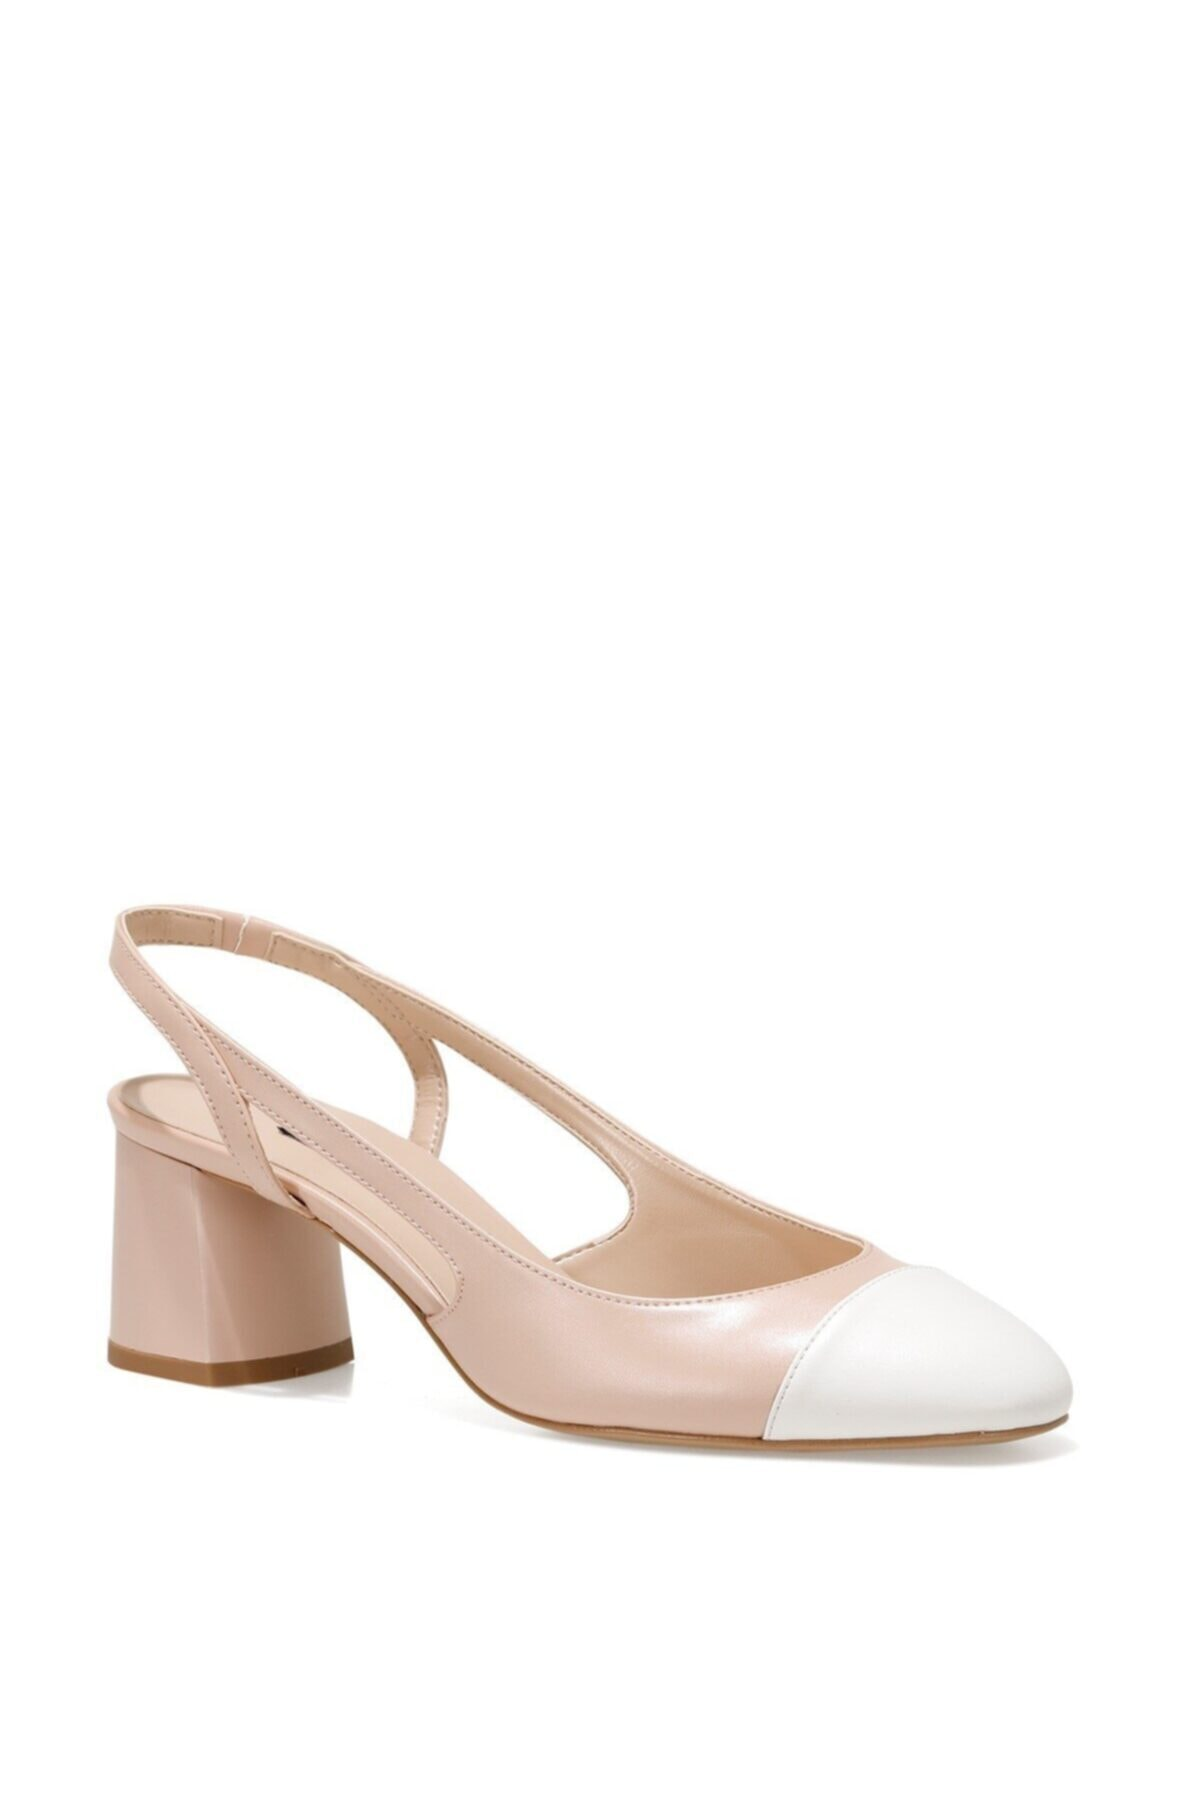 Nine West SENDAR Pudra Kadın Klasik Topuklu Ayakkabı 100526629 2